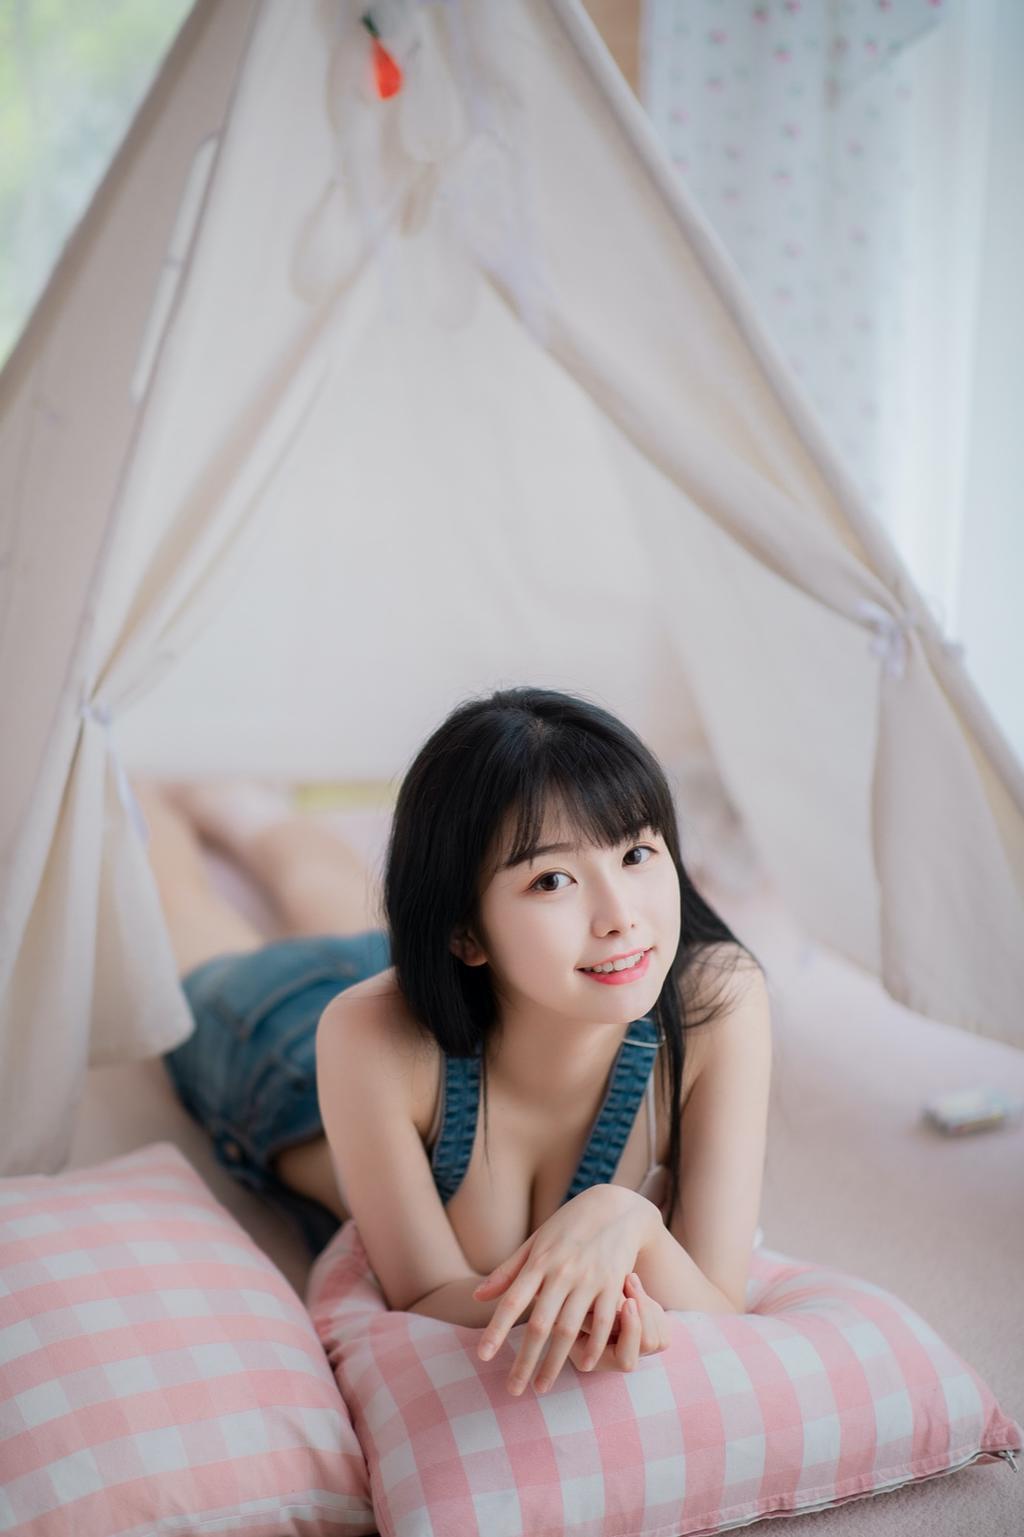 美女图片《有一点点甜》摄影作品欣赏